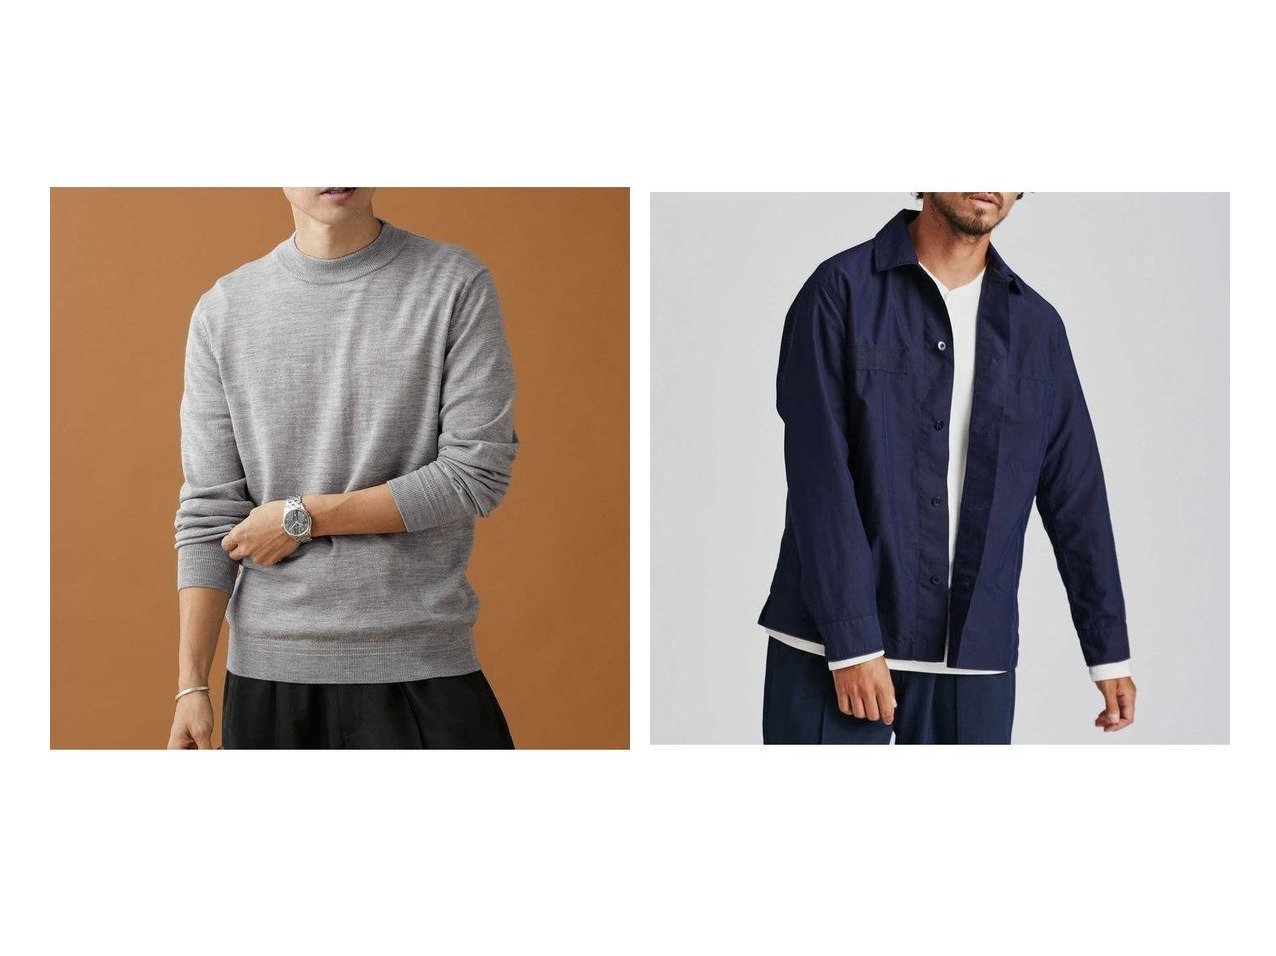 【nano universe / MEN/ナノ ユニバース】の毛玉レスニット 12Gモックネック&NVy by nano universe CPOシャツ 【MEN】男性のおすすめ!人気、メンズファッションの通販 おすすめで人気のファッション通販商品 インテリア・家具・キッズファッション・メンズファッション・レディースファッション・服の通販 founy(ファニー) https://founy.com/ ファッション Fashion メンズ MEN トップス Tops Tshirt Men ニット Knit Tops シャツ Shirts ストレッチ セーター トレンド ベーシック モックネック 秋冬 A/W Autumn/ Winter ヴィンテージ コレクション シンプル センター フロント ミリタリー モダン ワーク |ID:crp329100000003881